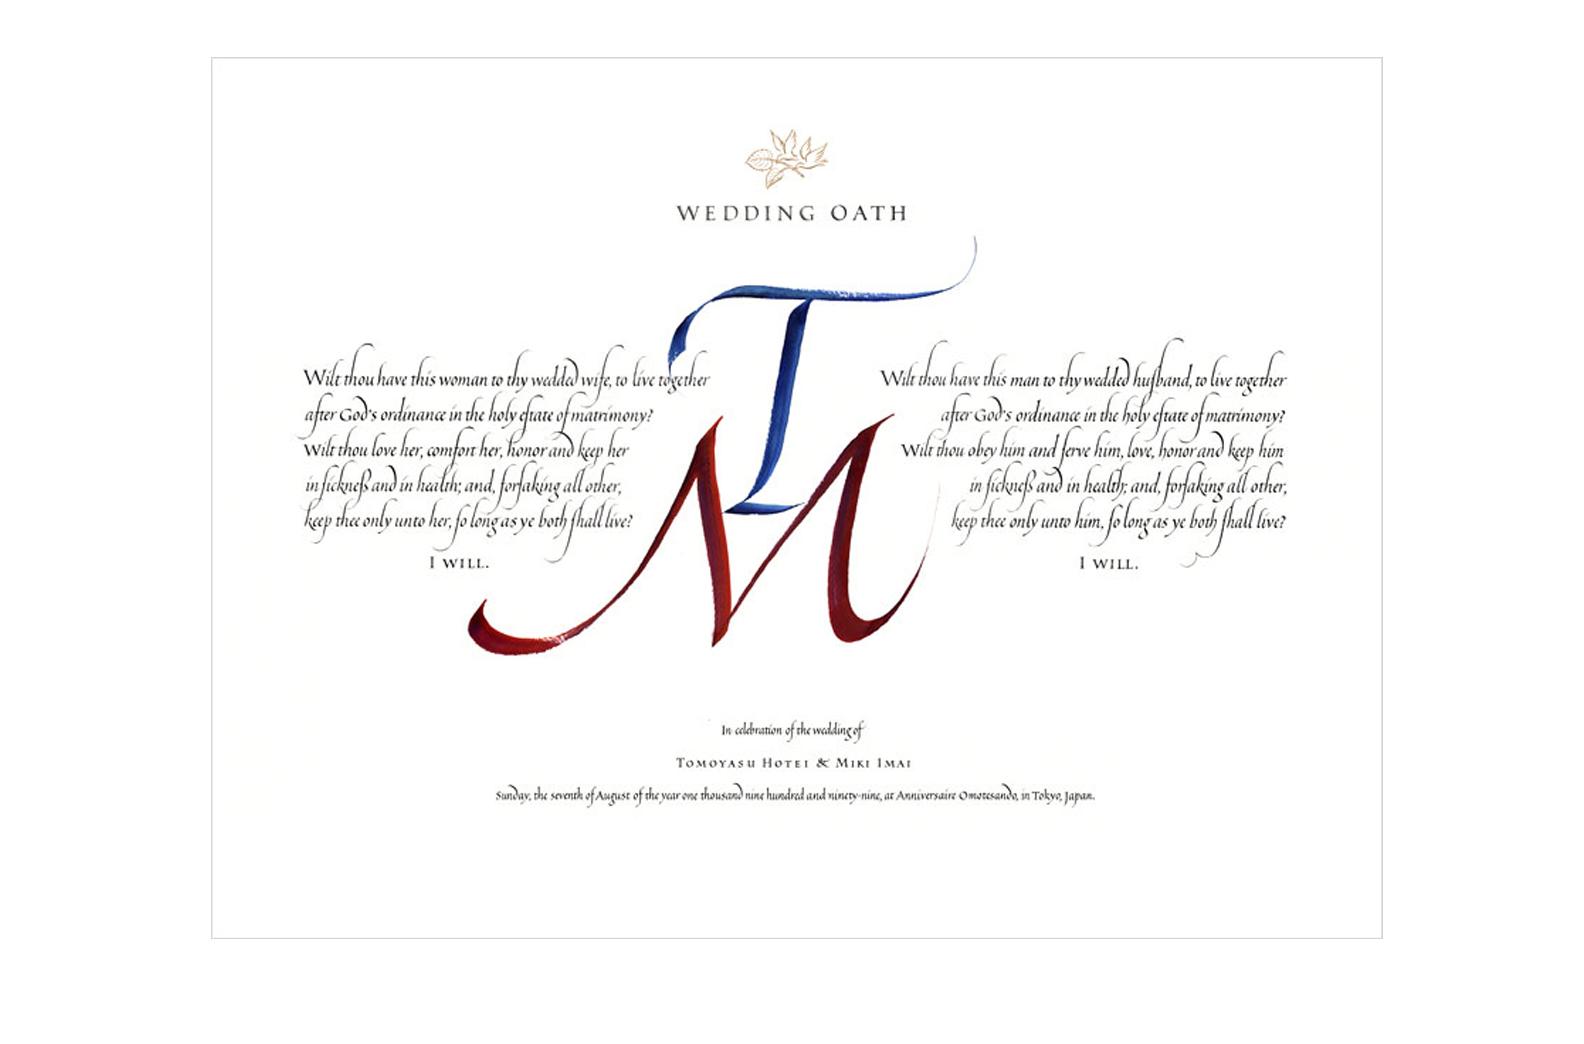 Wedding oath